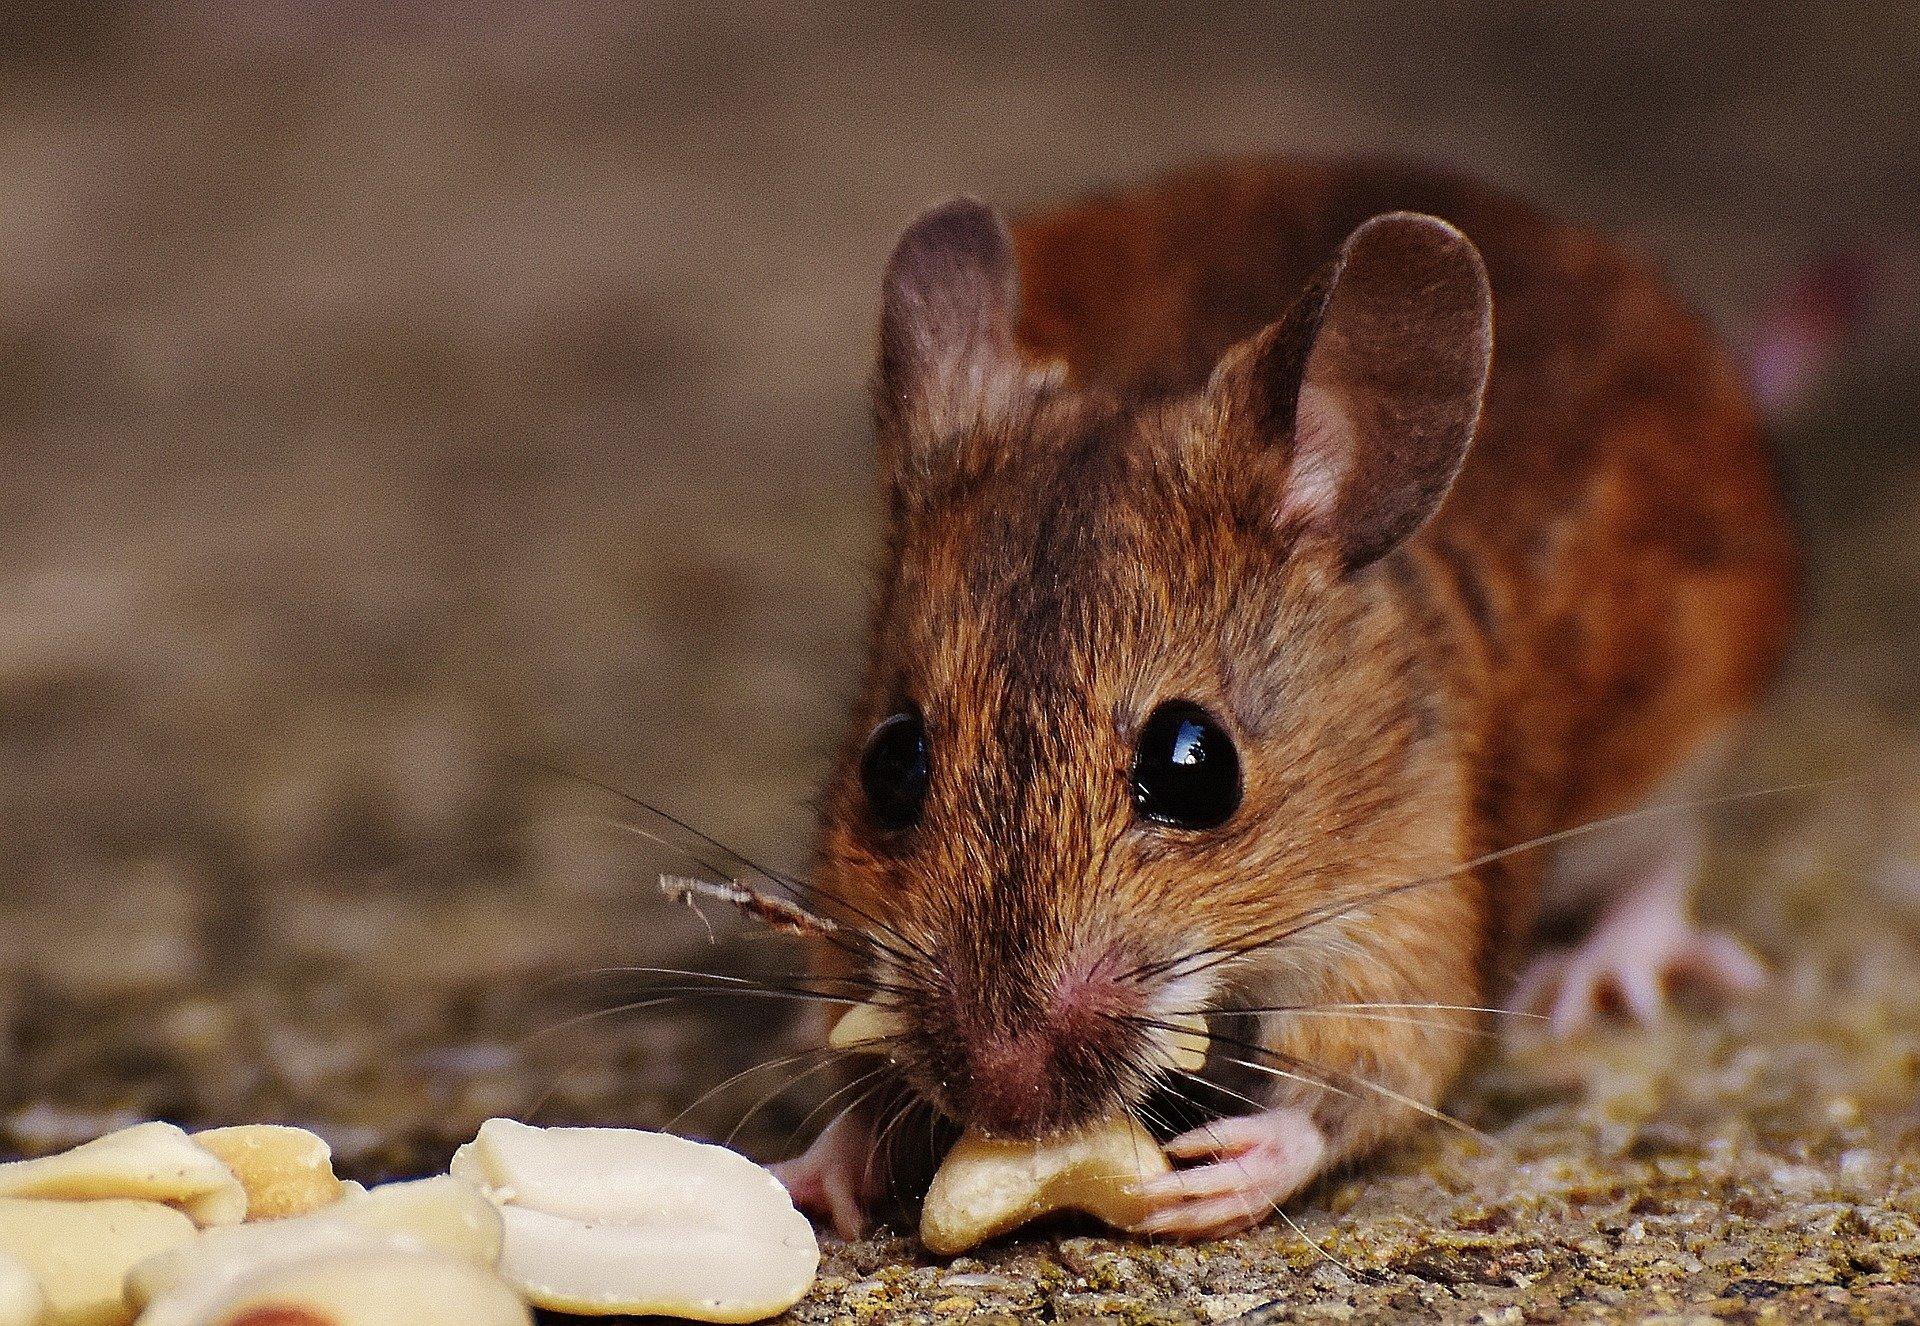 После пересадки микробиоты подопытные мыши худели, хотя питались так же, как ираньше.